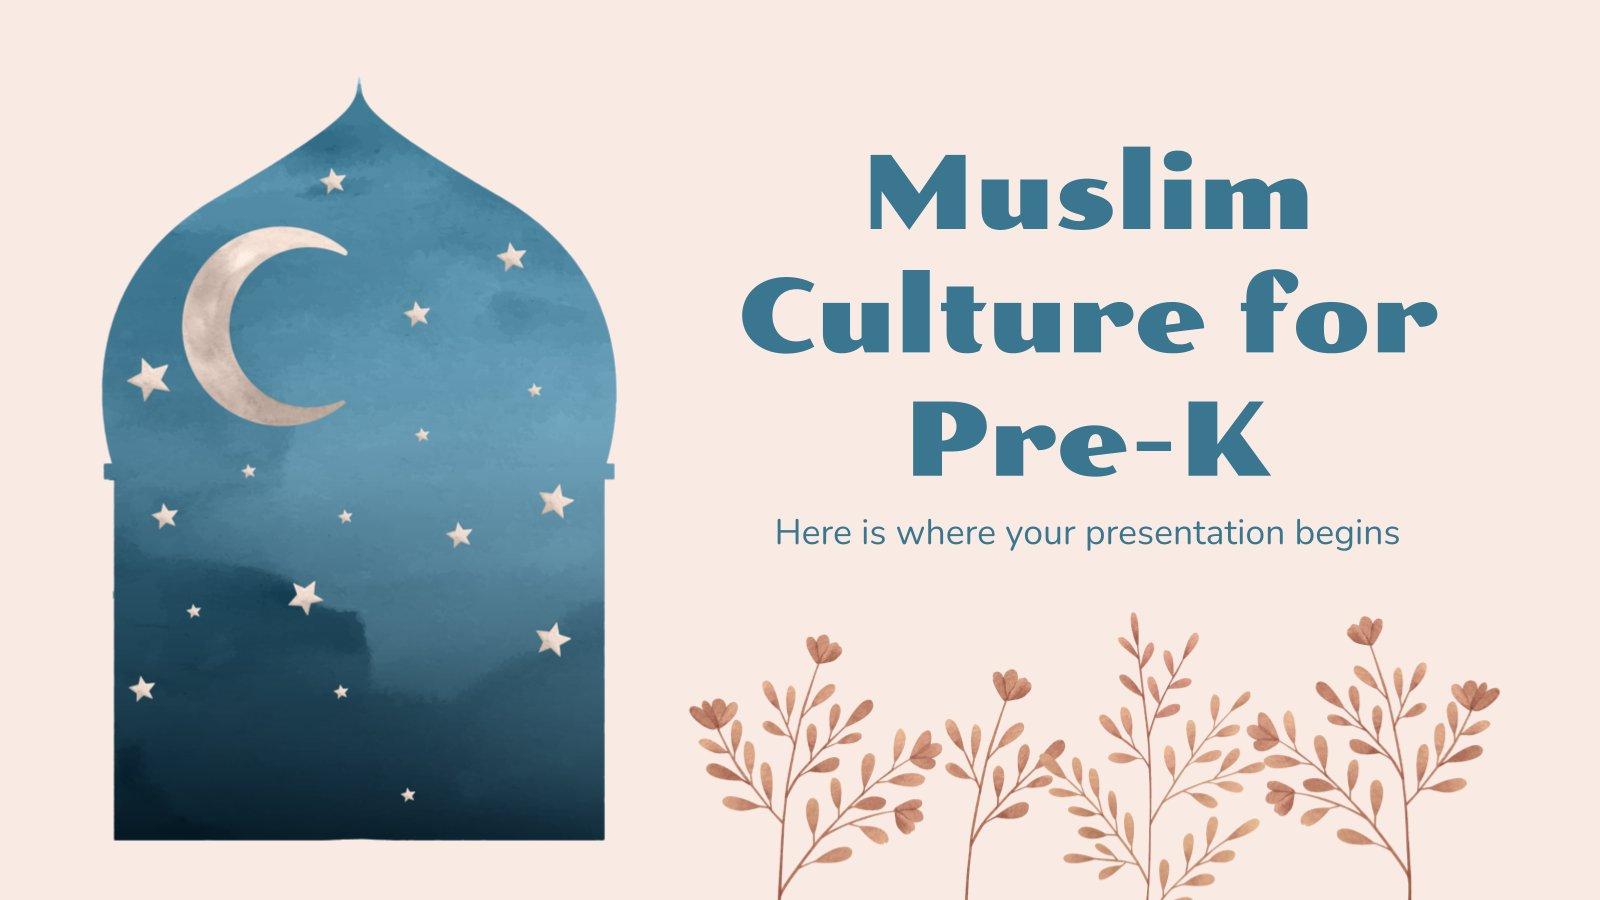 La culture musulmane pour les maternelles : Modèles de présentation